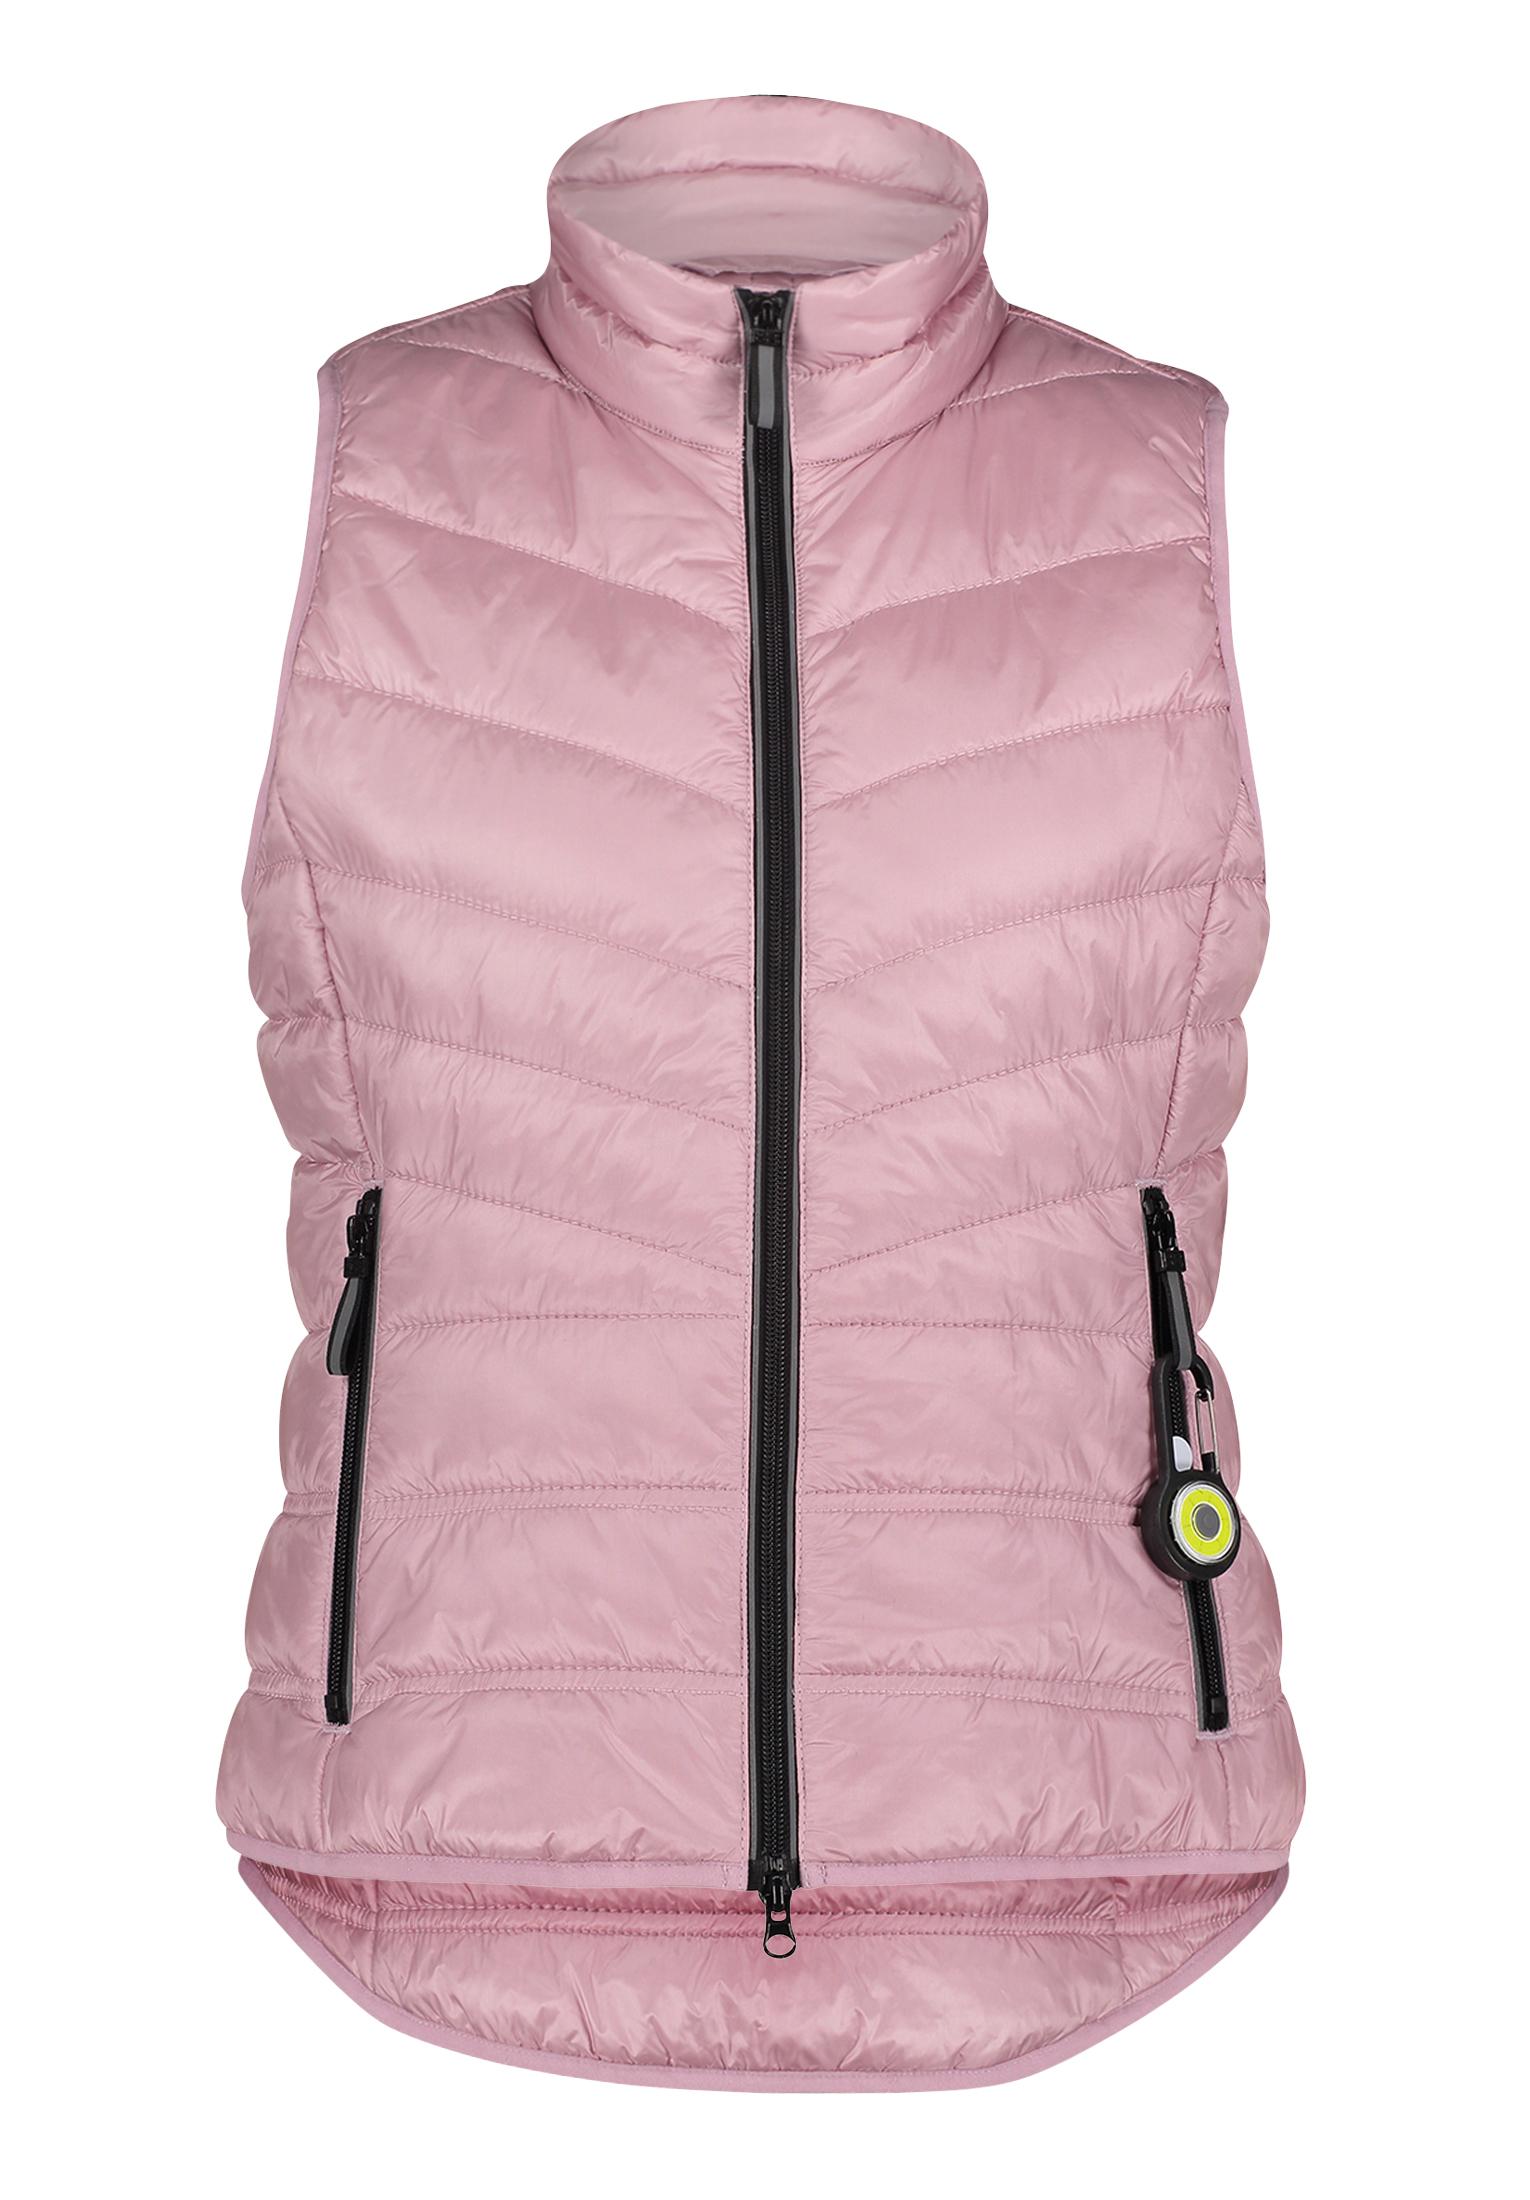 Betty Barclay 72122576 vest, light pink, 38